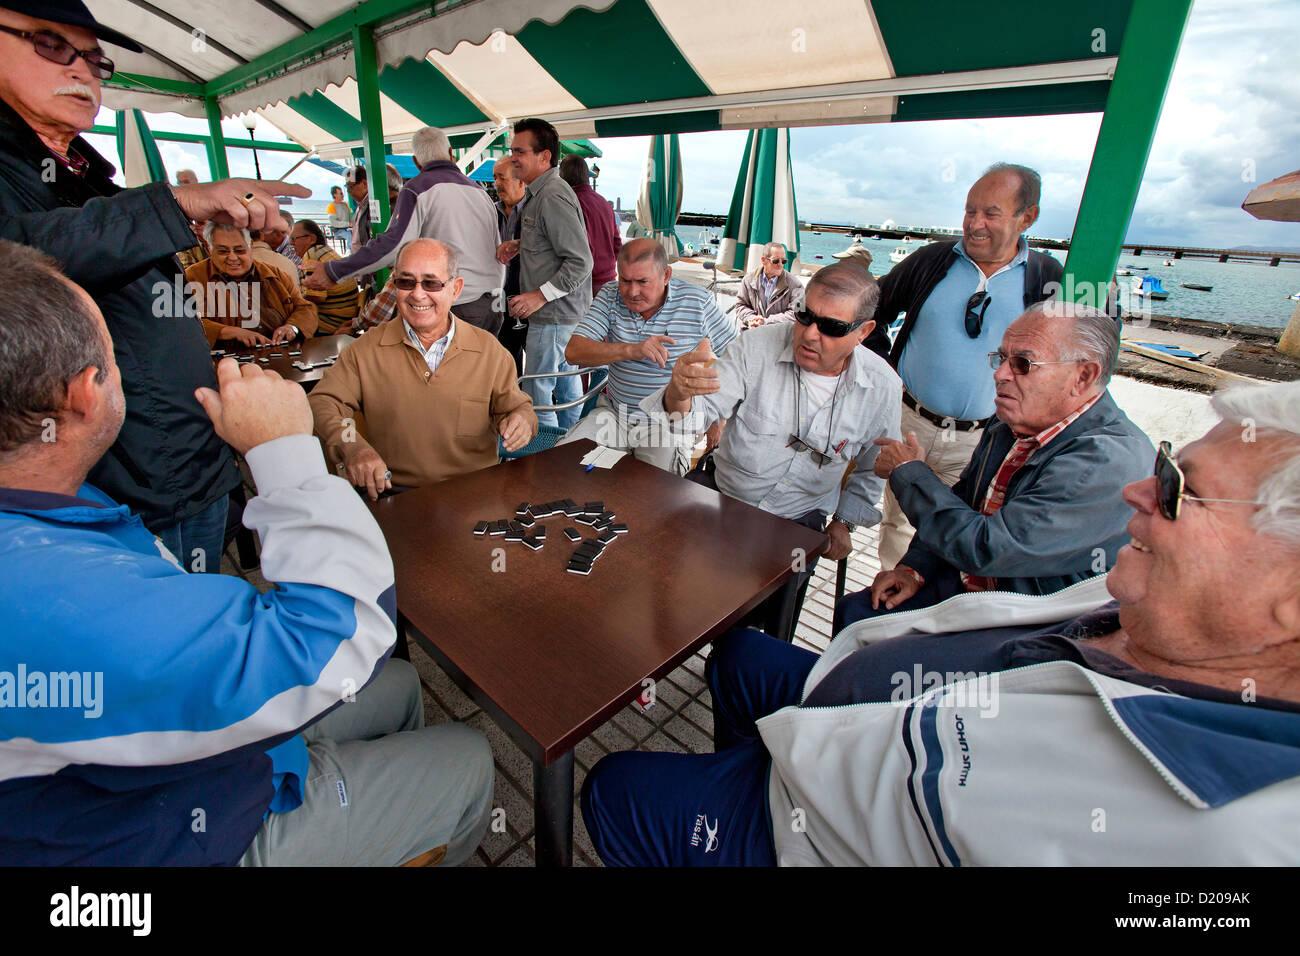 Gli uomini anziani gioca domino in serata, Arrecife, Lanzarote, Isole Canarie, Spagna, Europa Immagini Stock